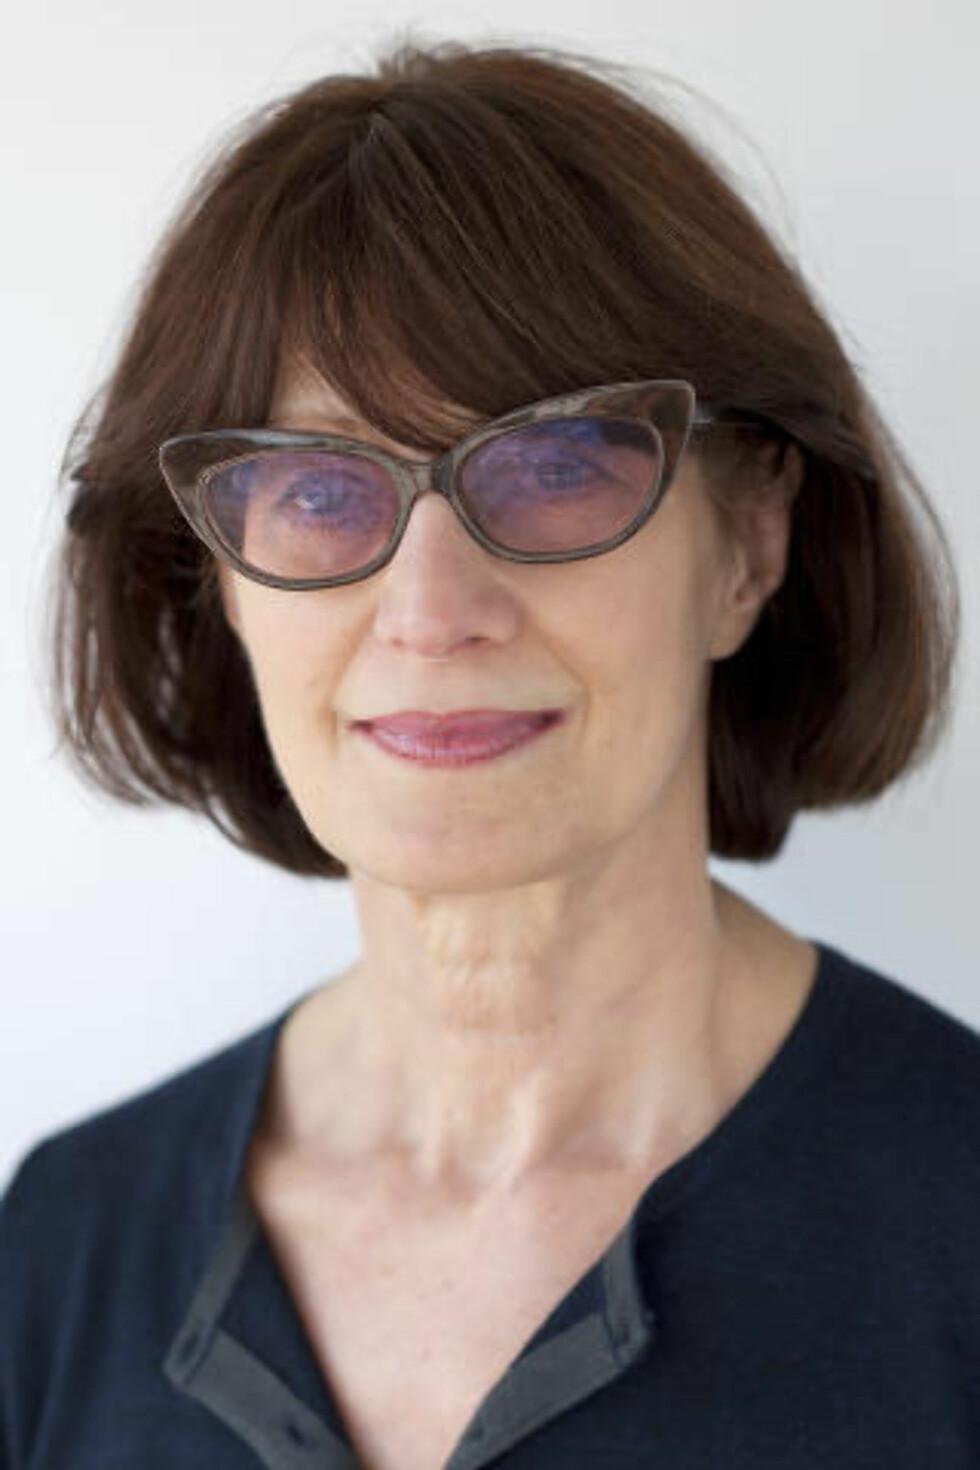 OMKOM:  Jacqueline van Tongeren, kommunikasjonssjef  ved det internasjonale helseinstituttet på universitetet i Amsterdam, er identifisert som en av de omkomne i flykatastrofen. Hun skulle på AIDS-konferansen i Melbourne. rkivfoto: AP/NTB Scanpix.